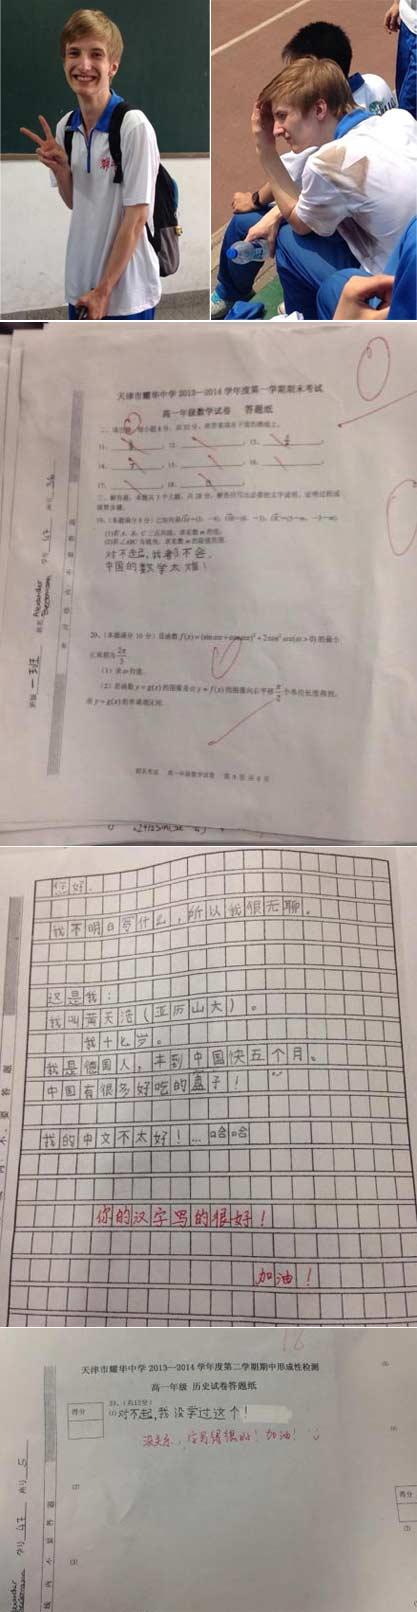 耀华中学外国小伙萌萌哒 数学老师太残忍